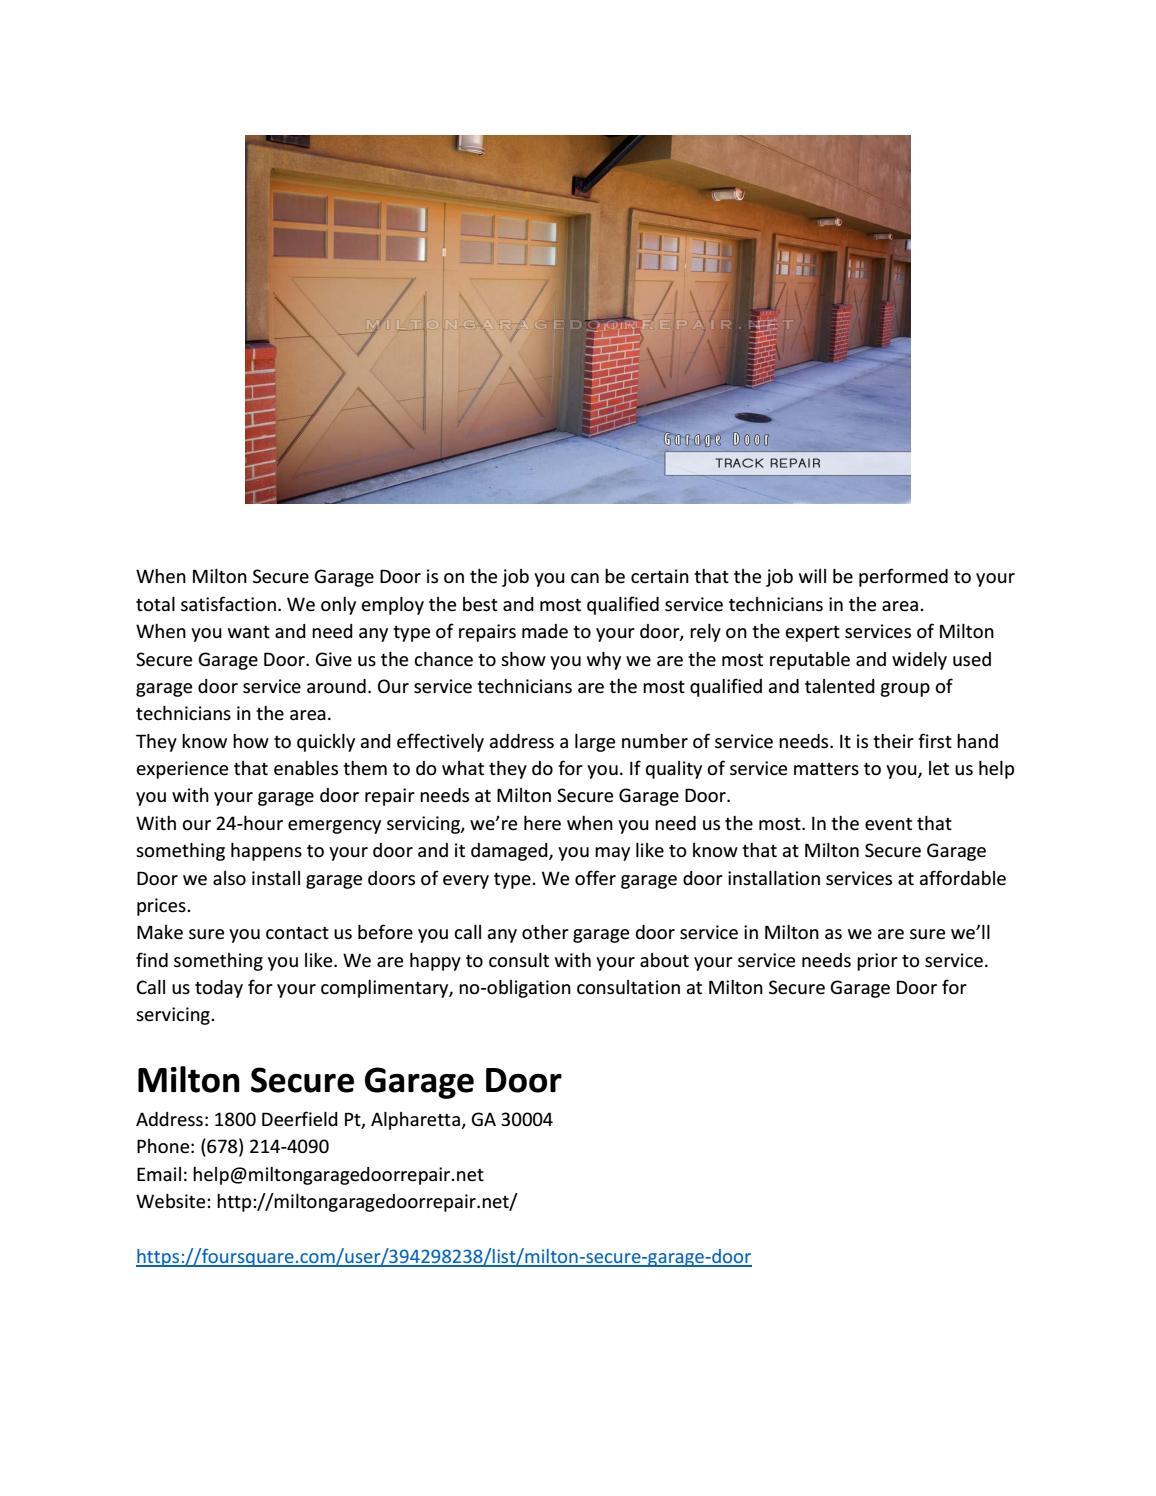 Milton Secure Garage Door By Milton Secure Garage Door Issuu